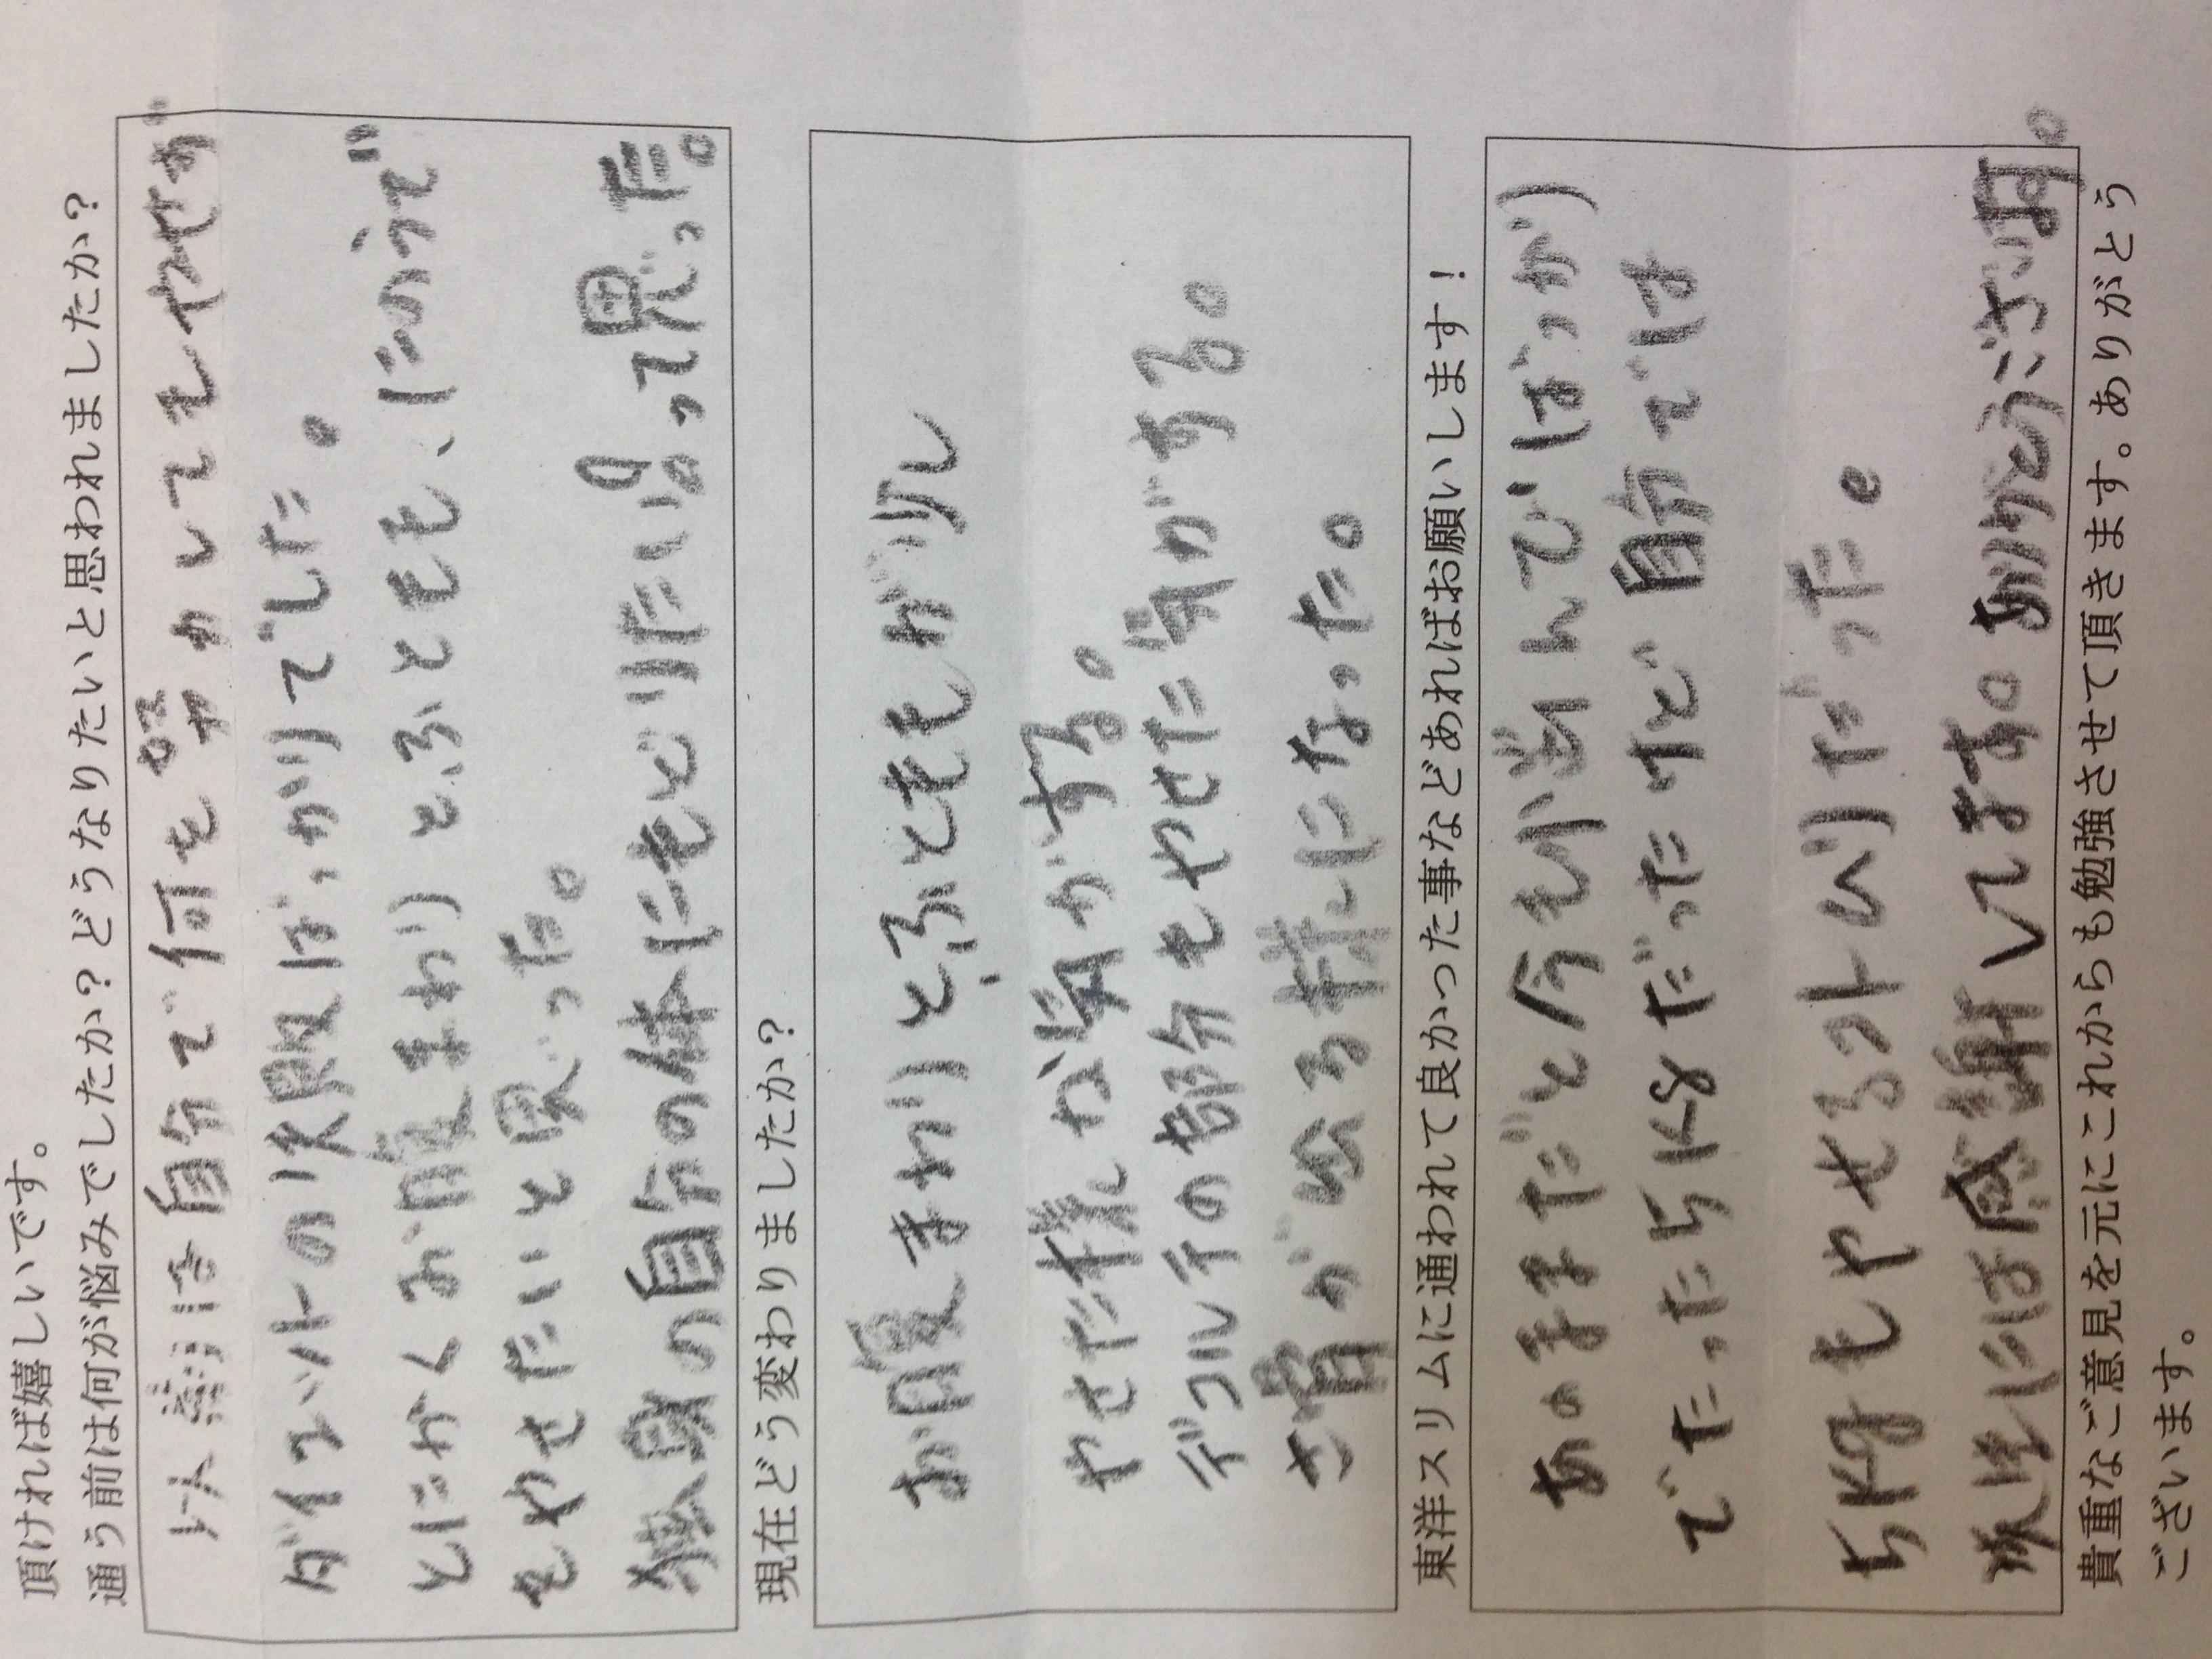 大阪市〇〇区O様(35歳)耳ツボダイエットで-5kgダイエット成功!「デコルテの部分痩せた気がする。鎖骨が出る様になった